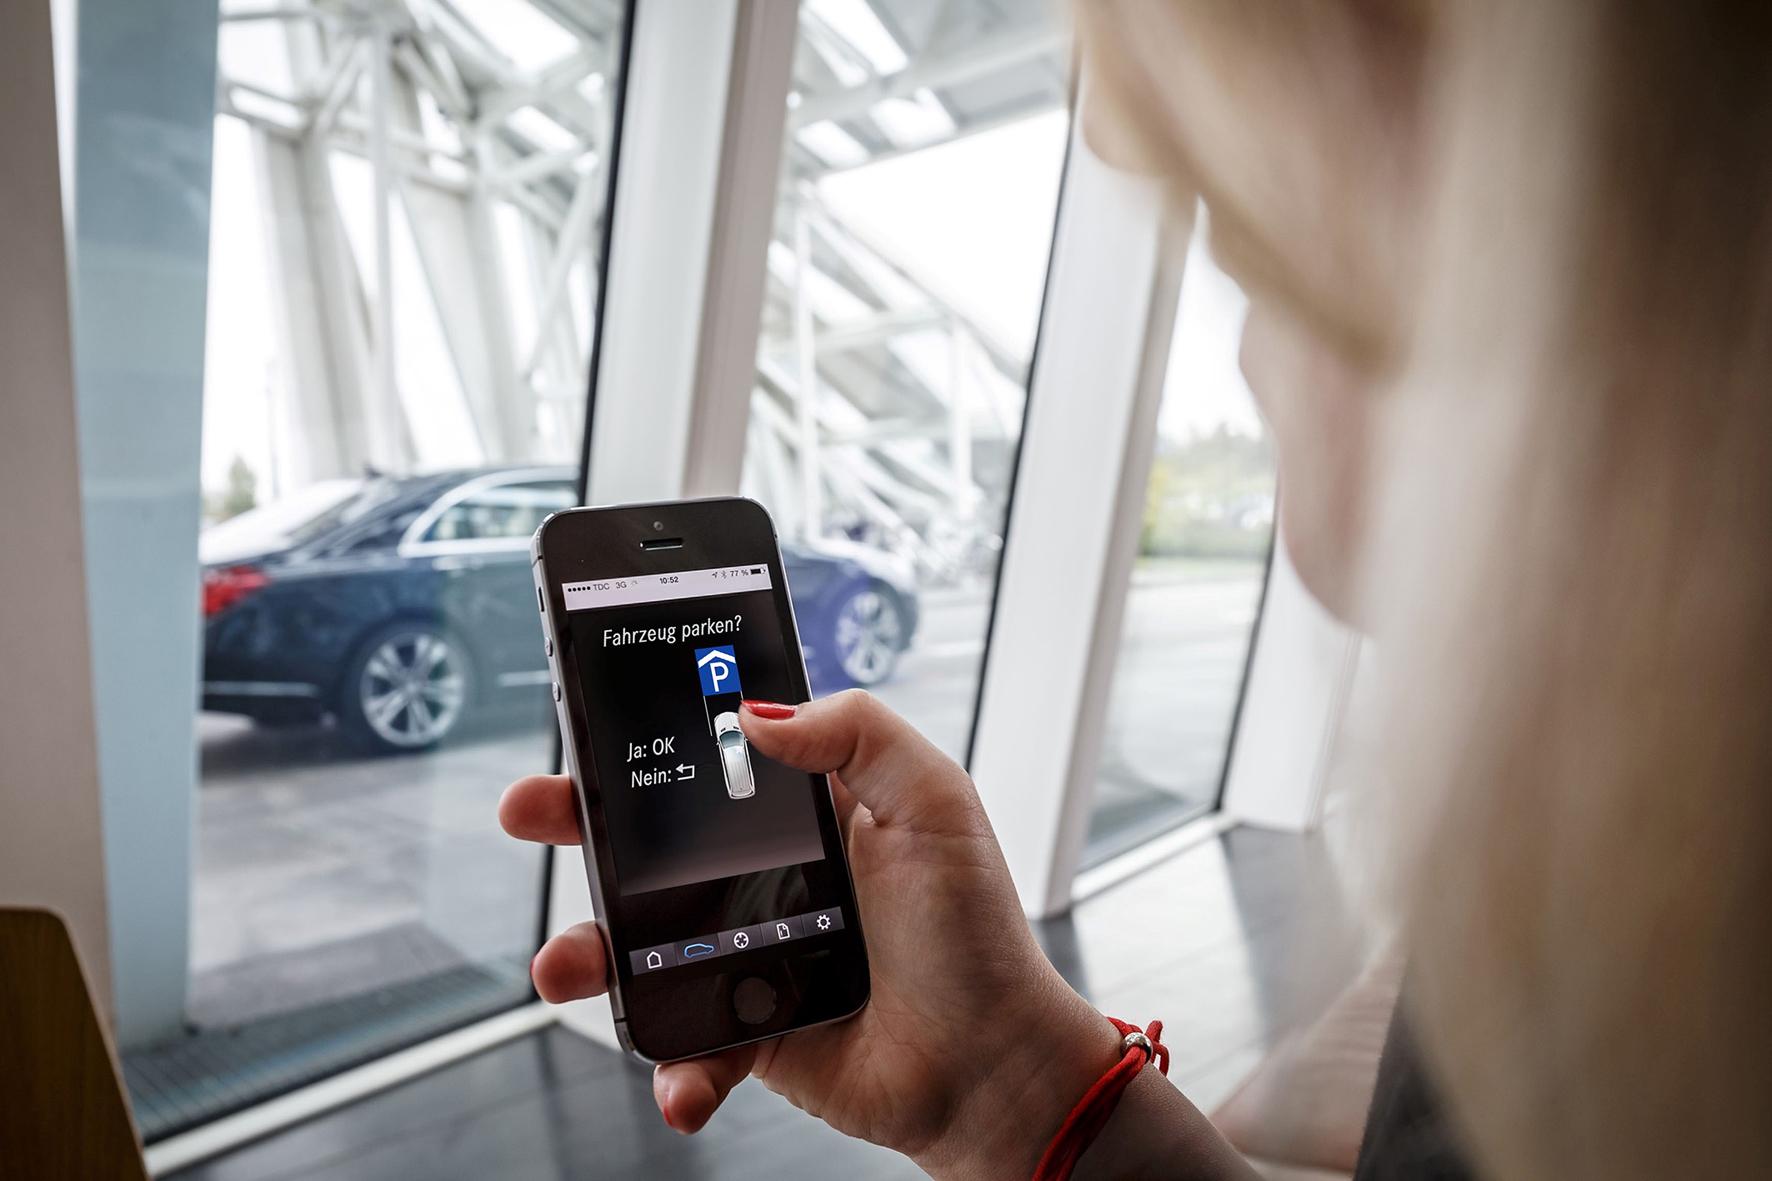 mid Düsseldorf - Hand in Hand: Smartphone App und Parkplatz-Sensoren sind miteinander vernetzt.